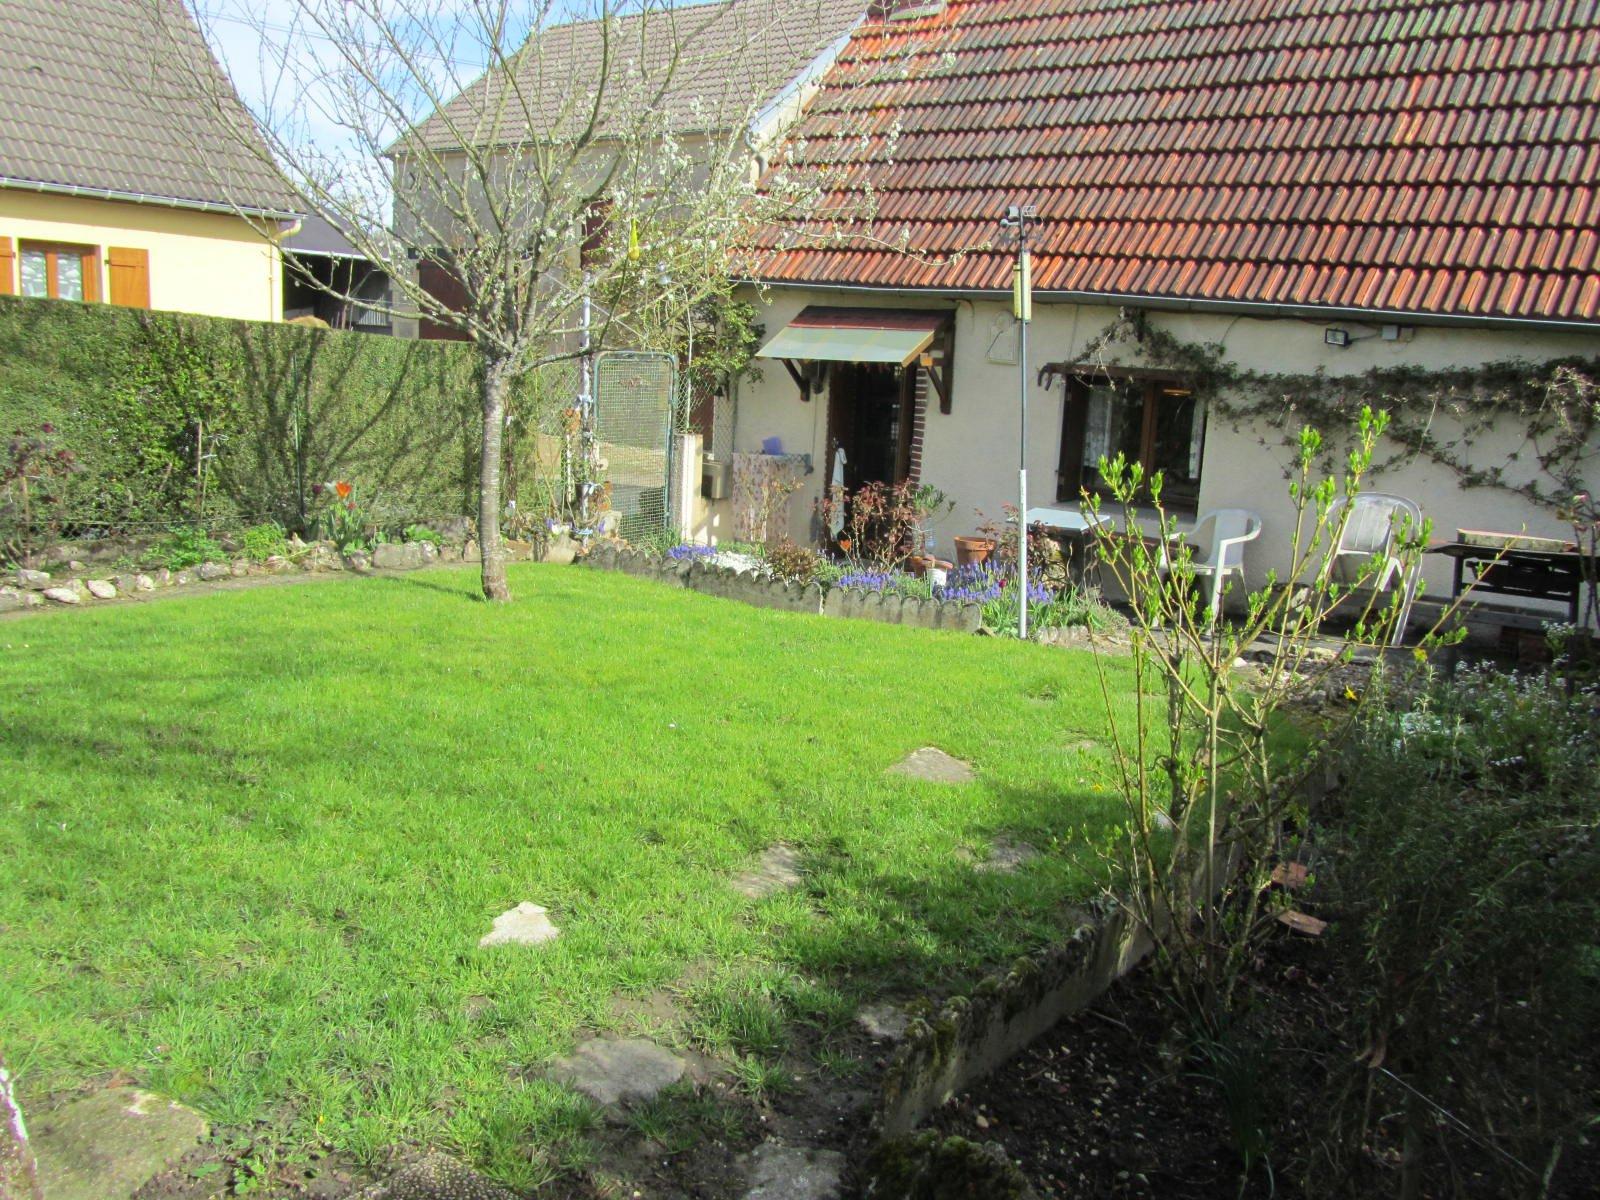 Maison indépendante dans hameau